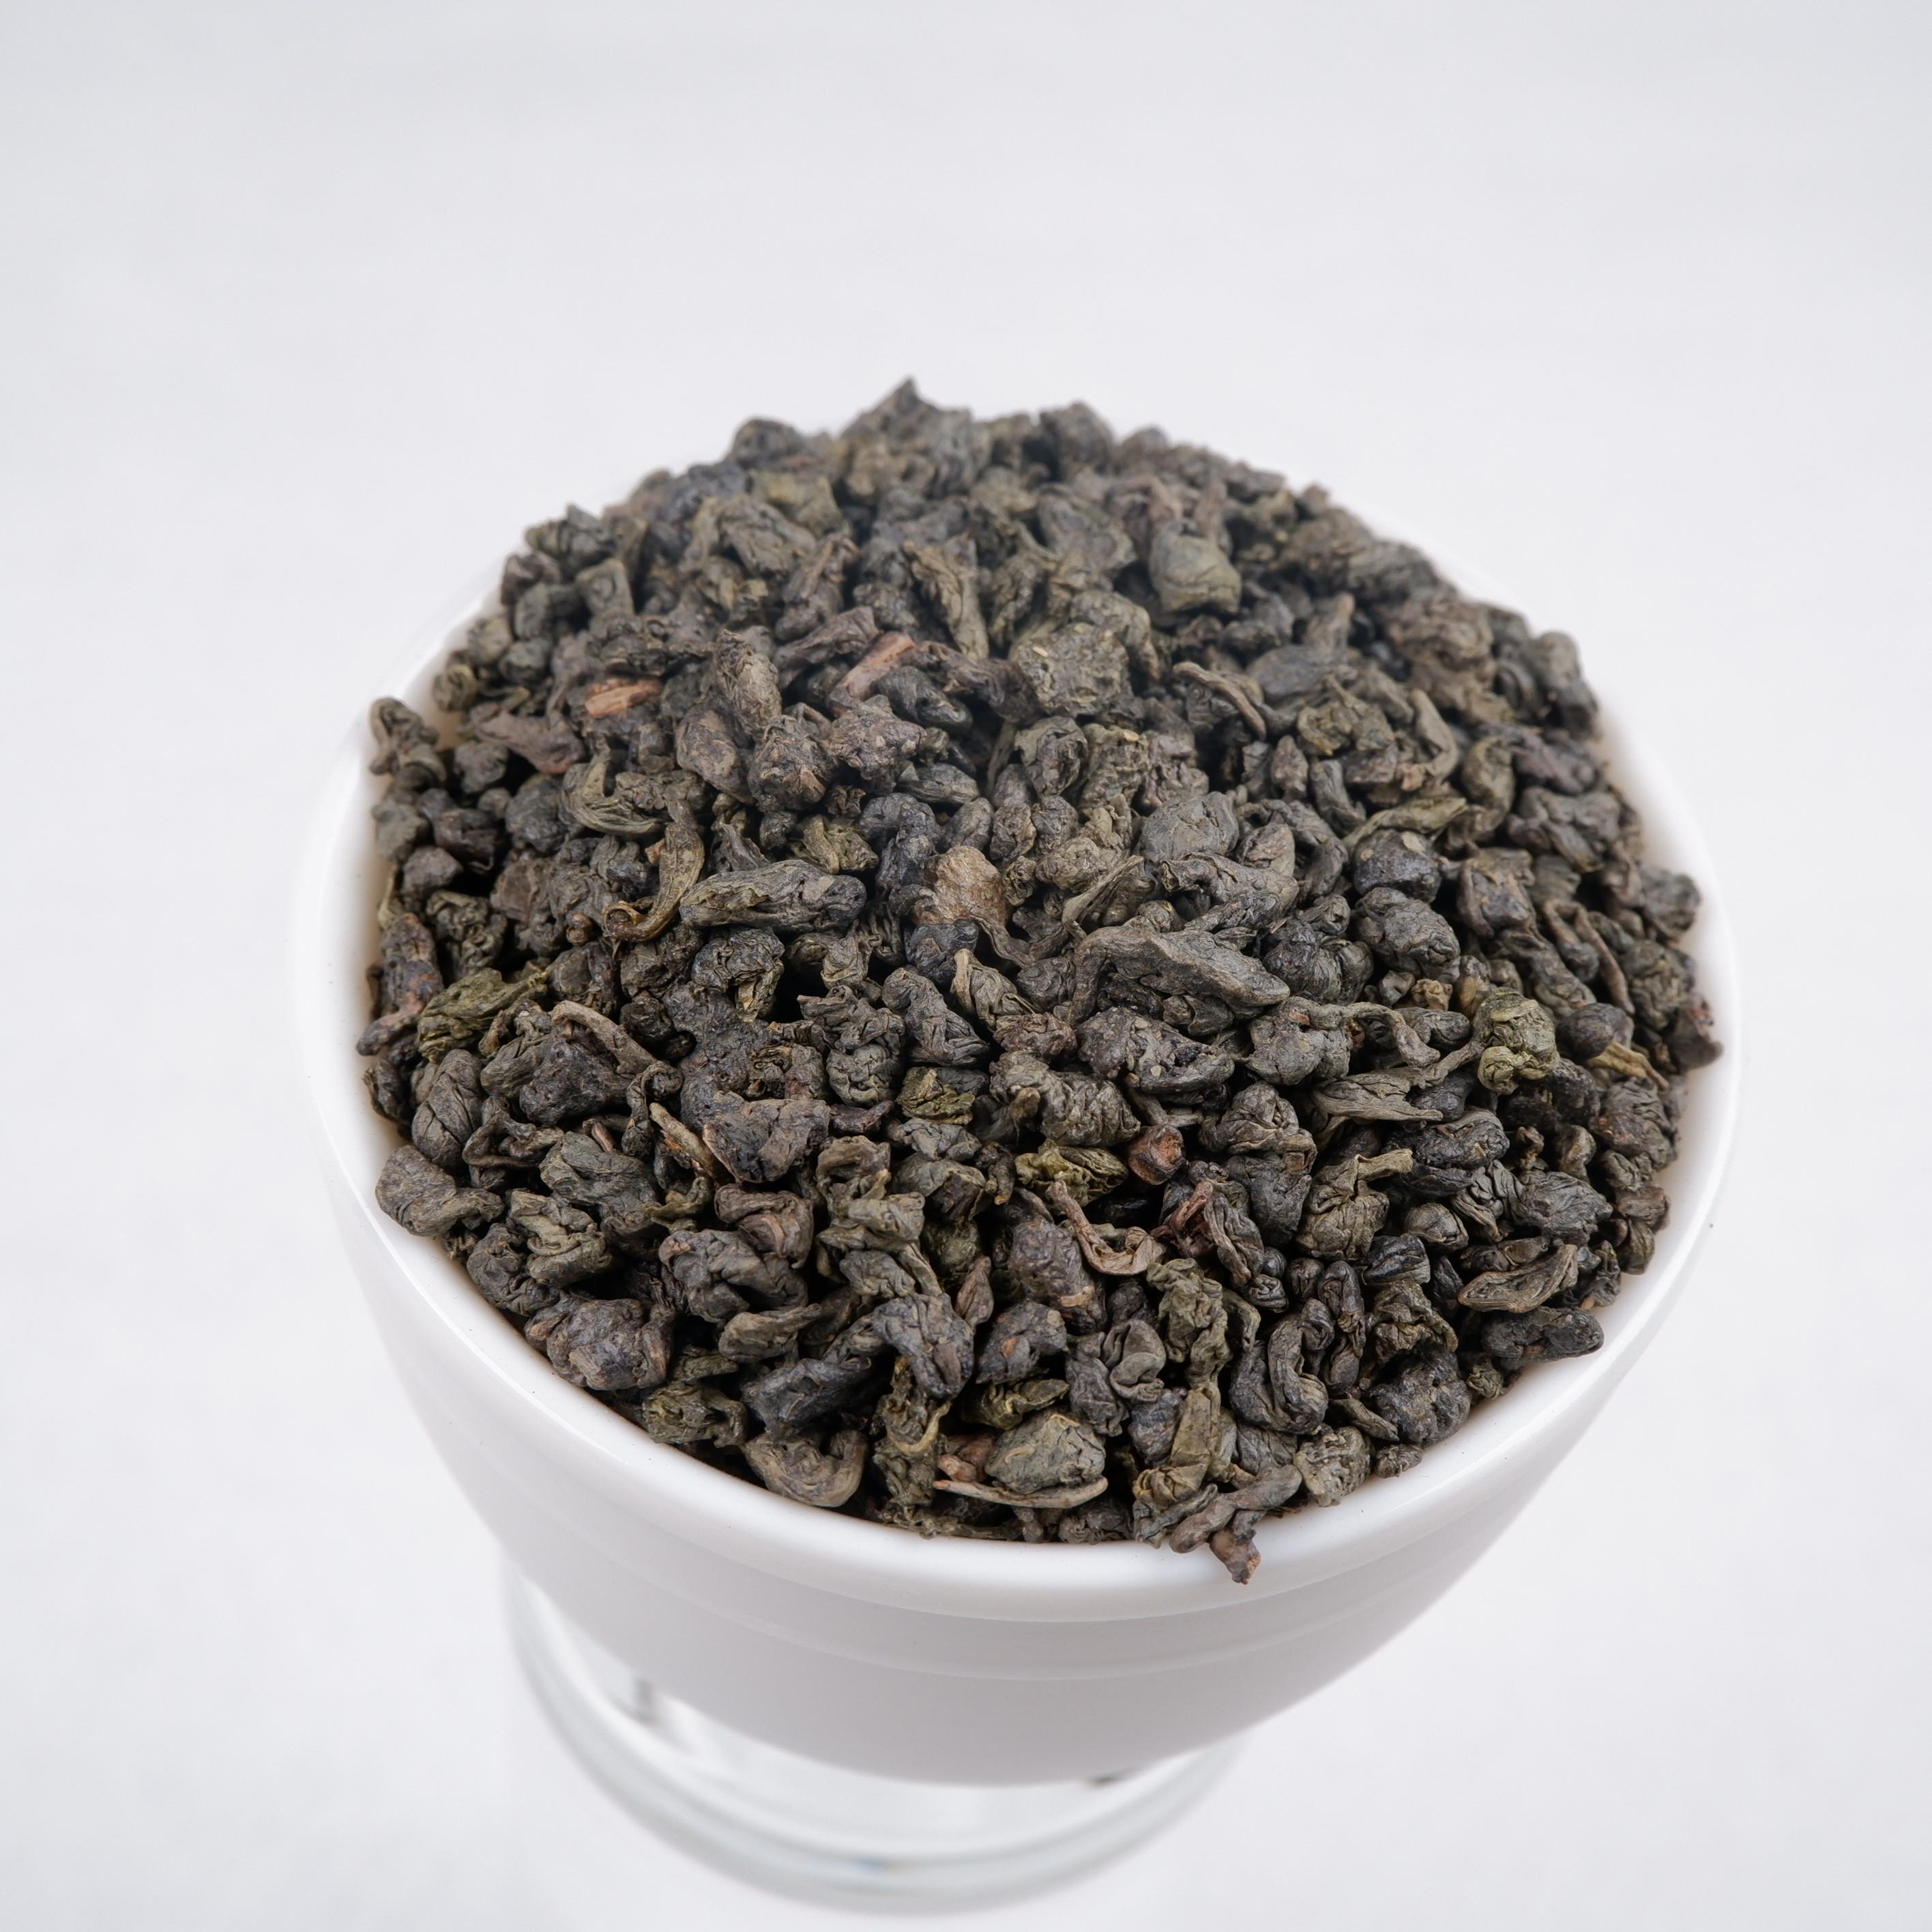 Africa Popular 3505 Loose Tea Green Tea Gunpowder - 4uTea | 4uTea.com